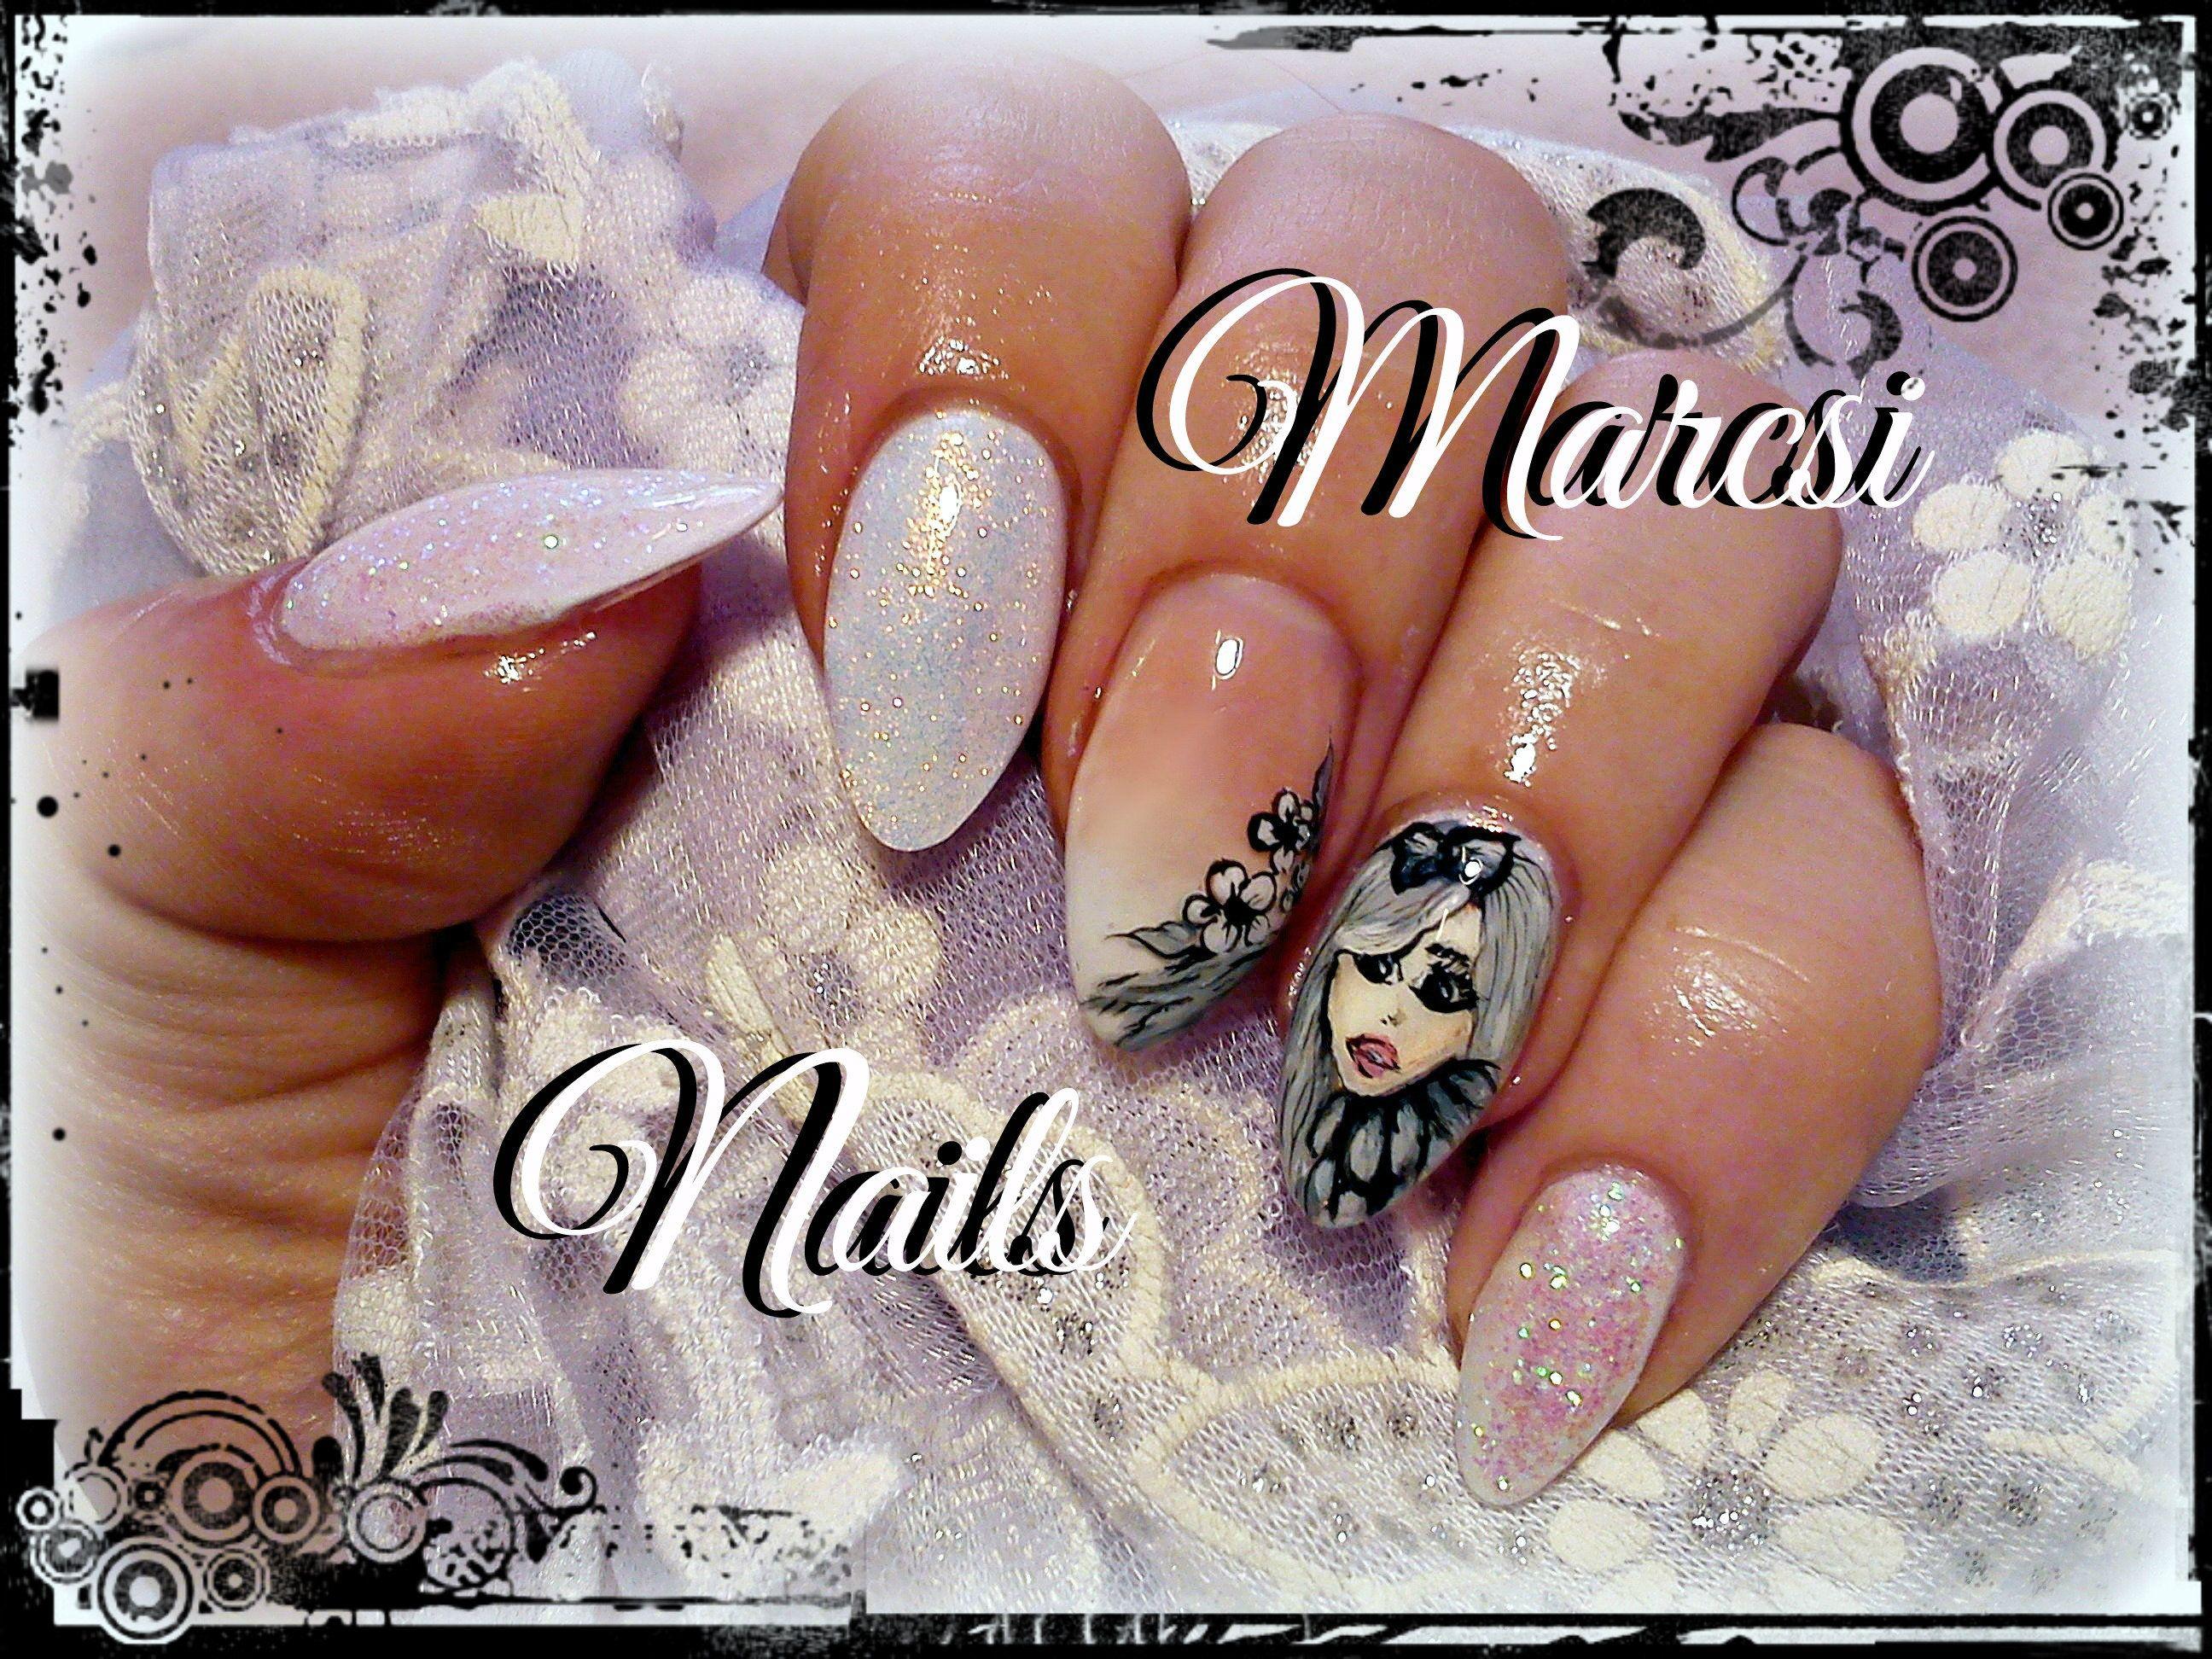 Woman Face Nail Girl Face Nail Design White Nail Art Baby Boomer Nail With Acryl Painting Nails Fabulous Nails White Nail Art